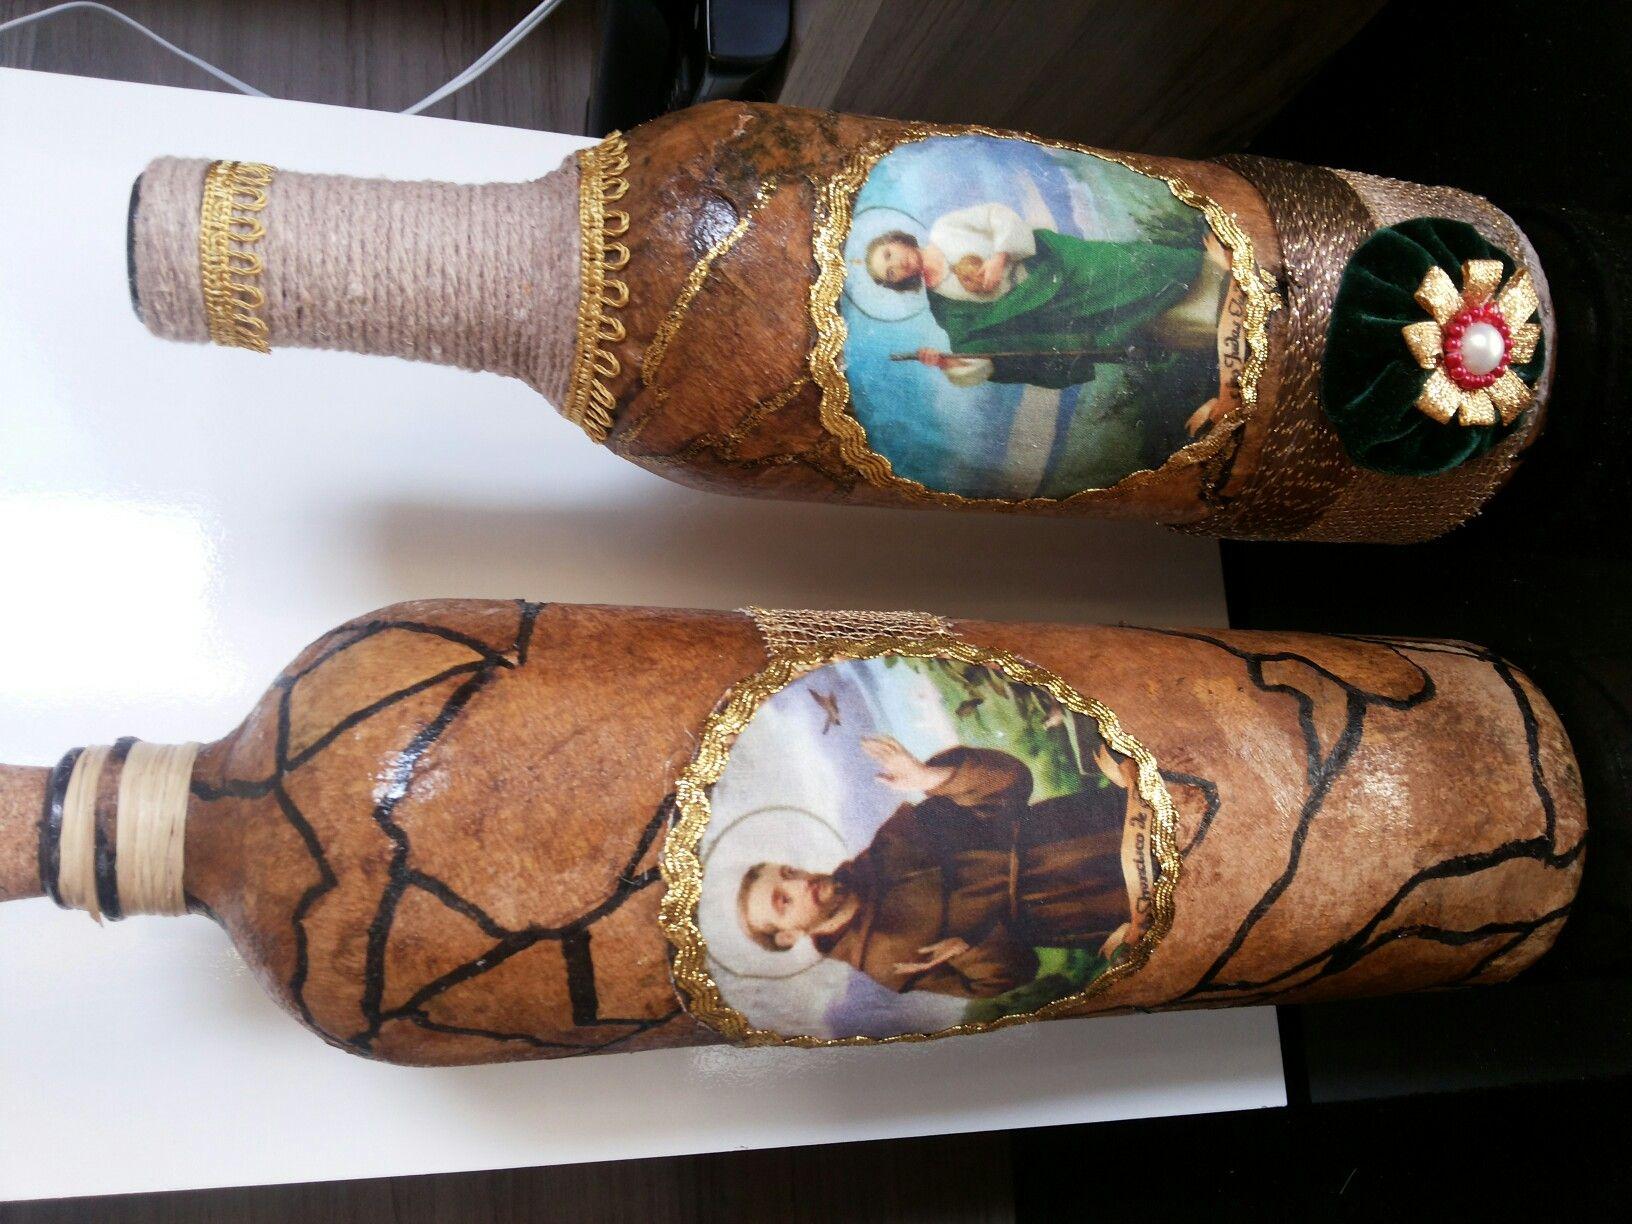 Garrafas decoradas com filtro de café e decoupagem em tecido digital de São Francisco de Assis e São Judas Tadeu